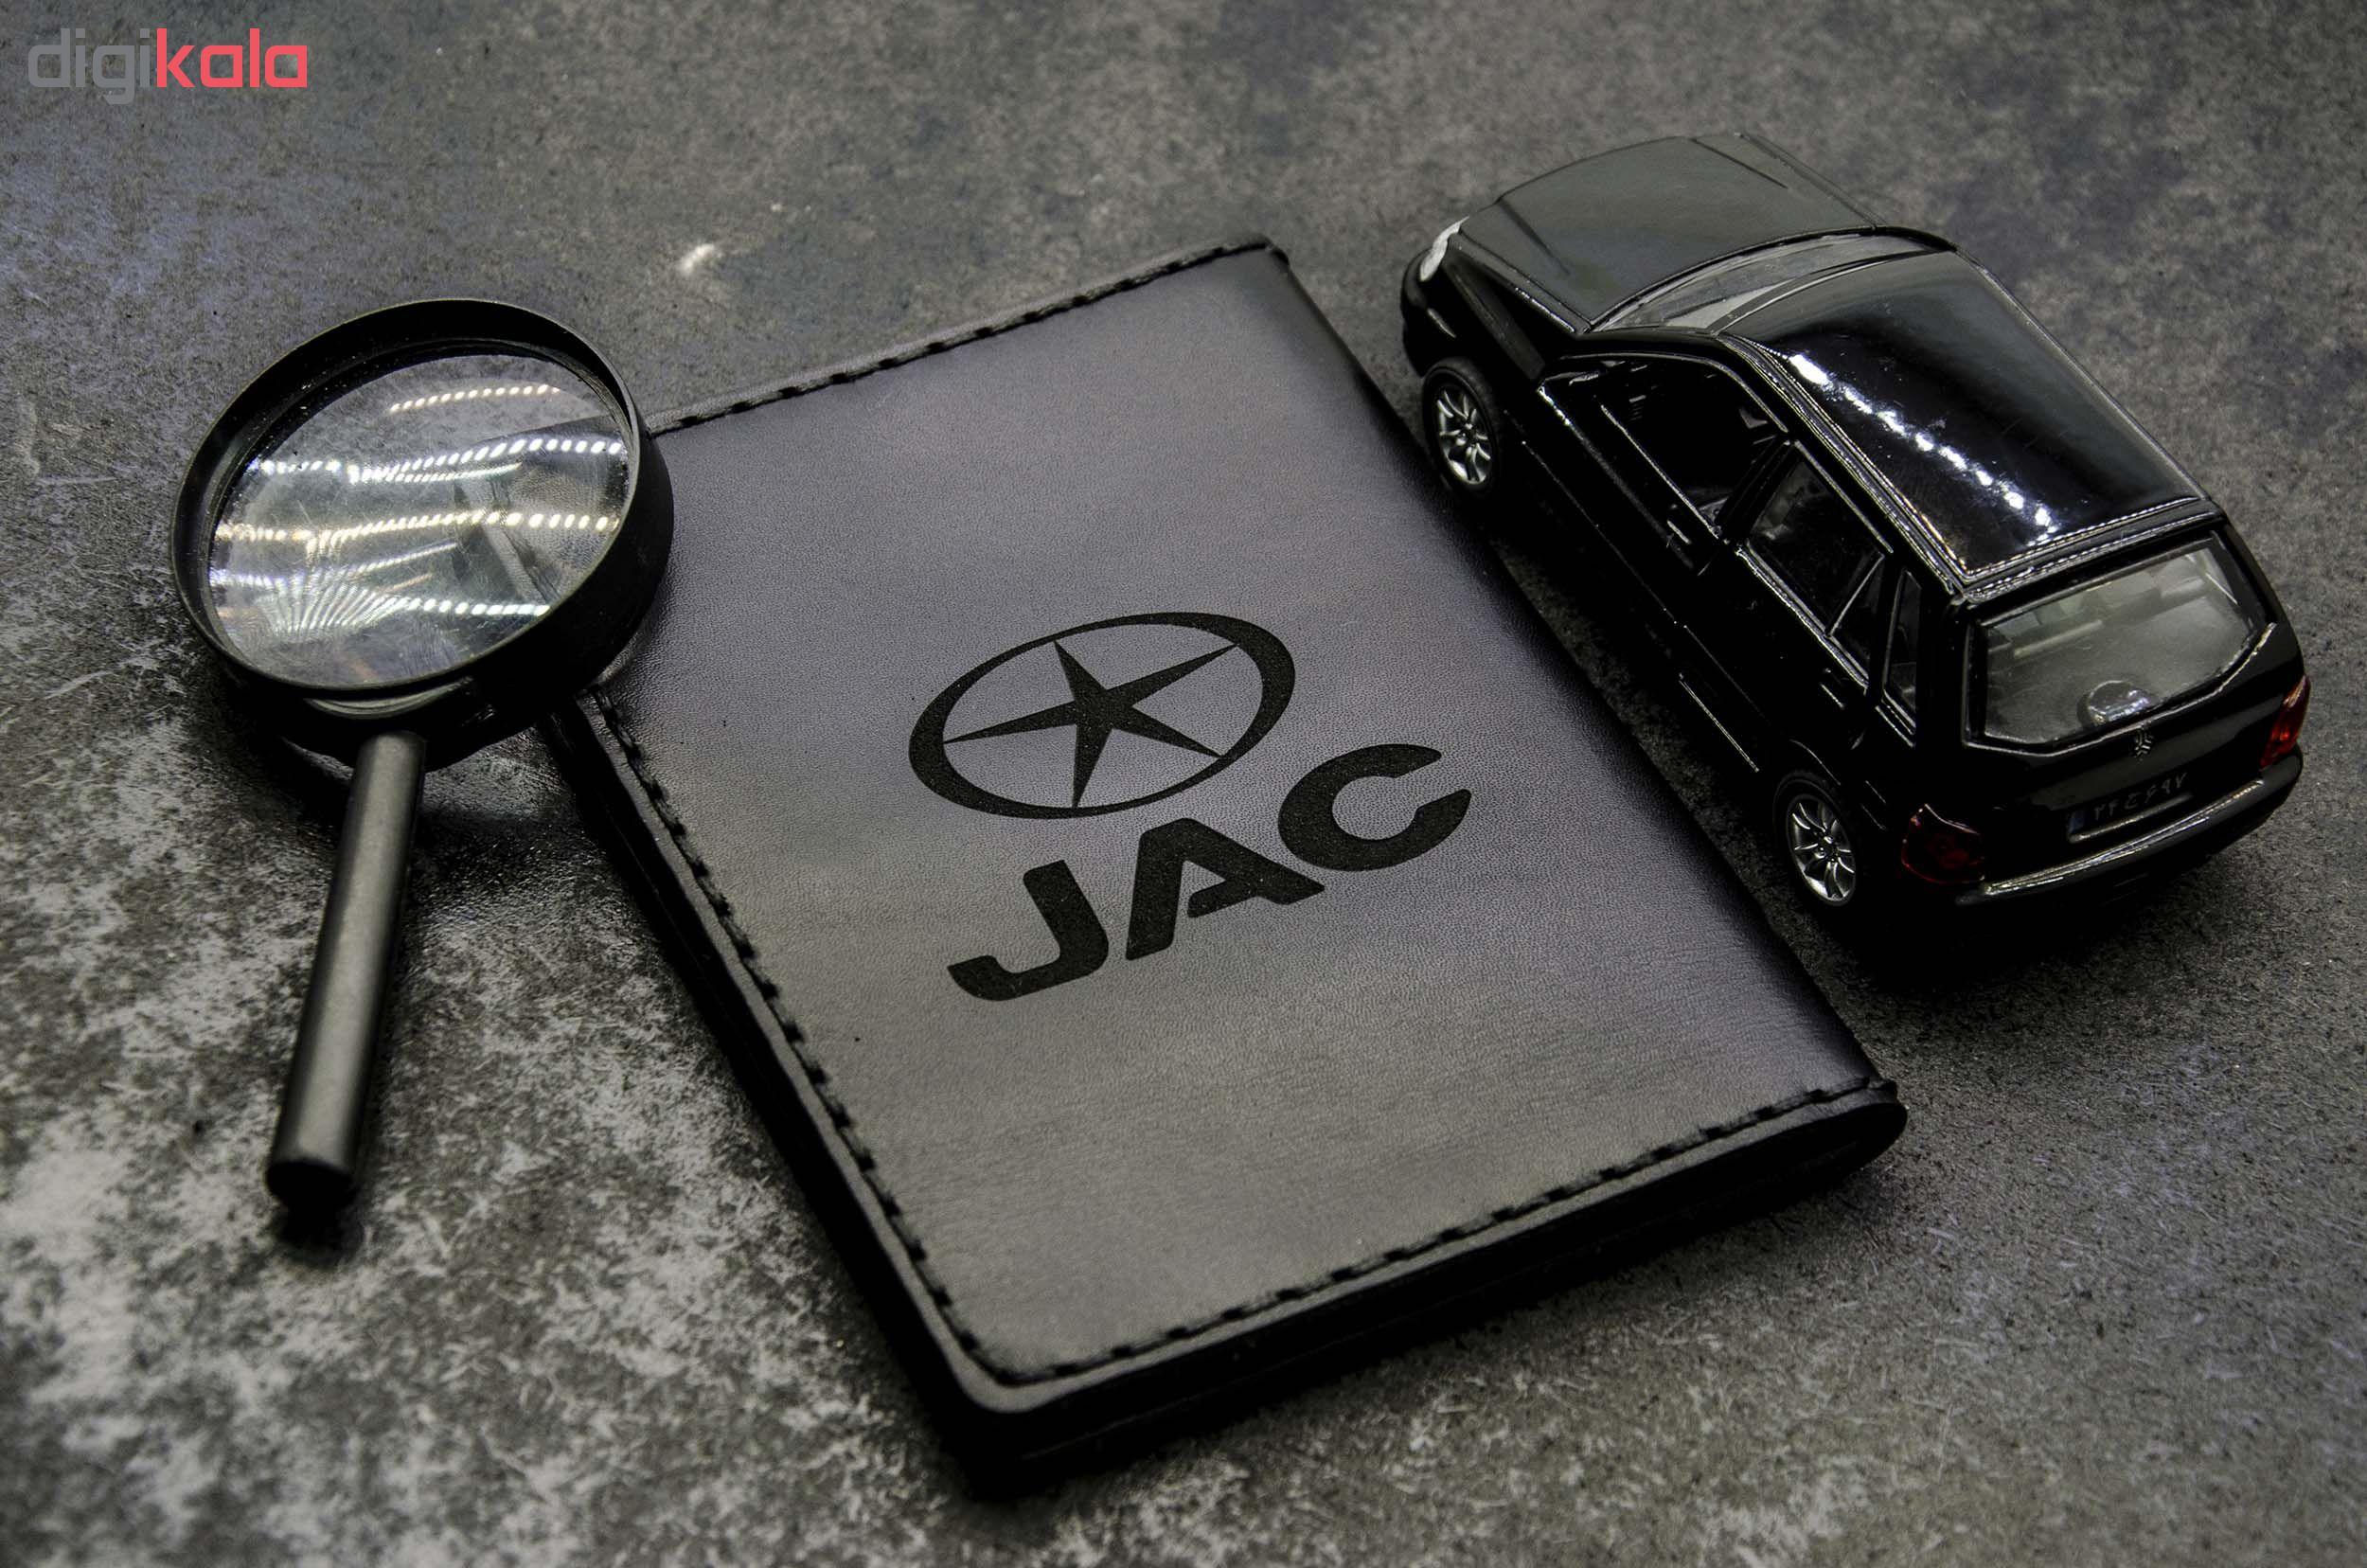 کیف مدارک خودرو چرمینه اسپرت طرح جک کد 58024-B main 1 1